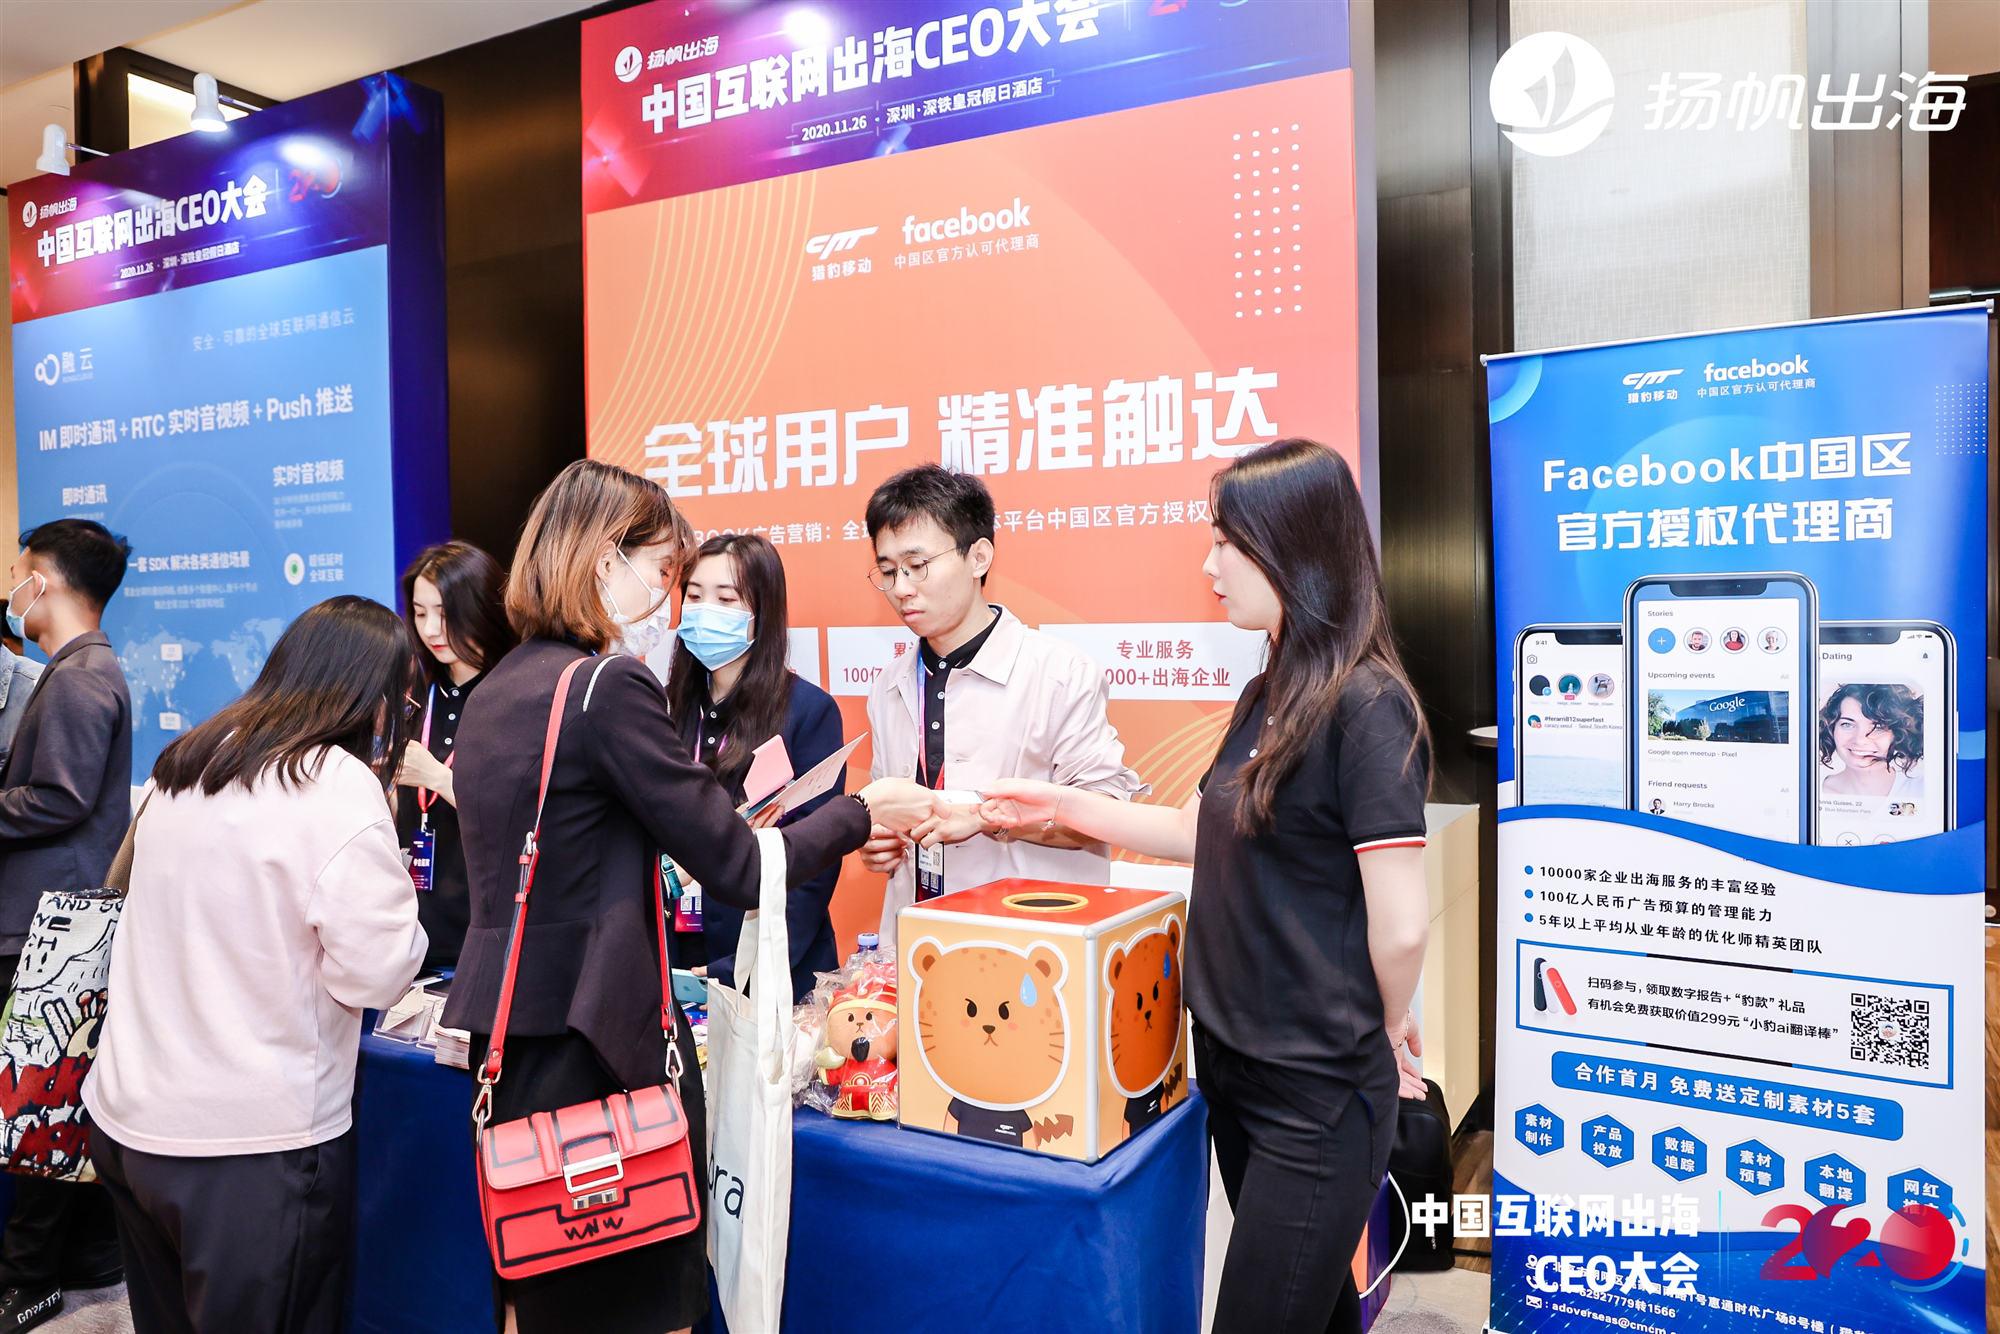 精彩回顾丨中国互联网出海CEO大会圆满落幕,猎豹移动助力现场来宾打开出海新思路!